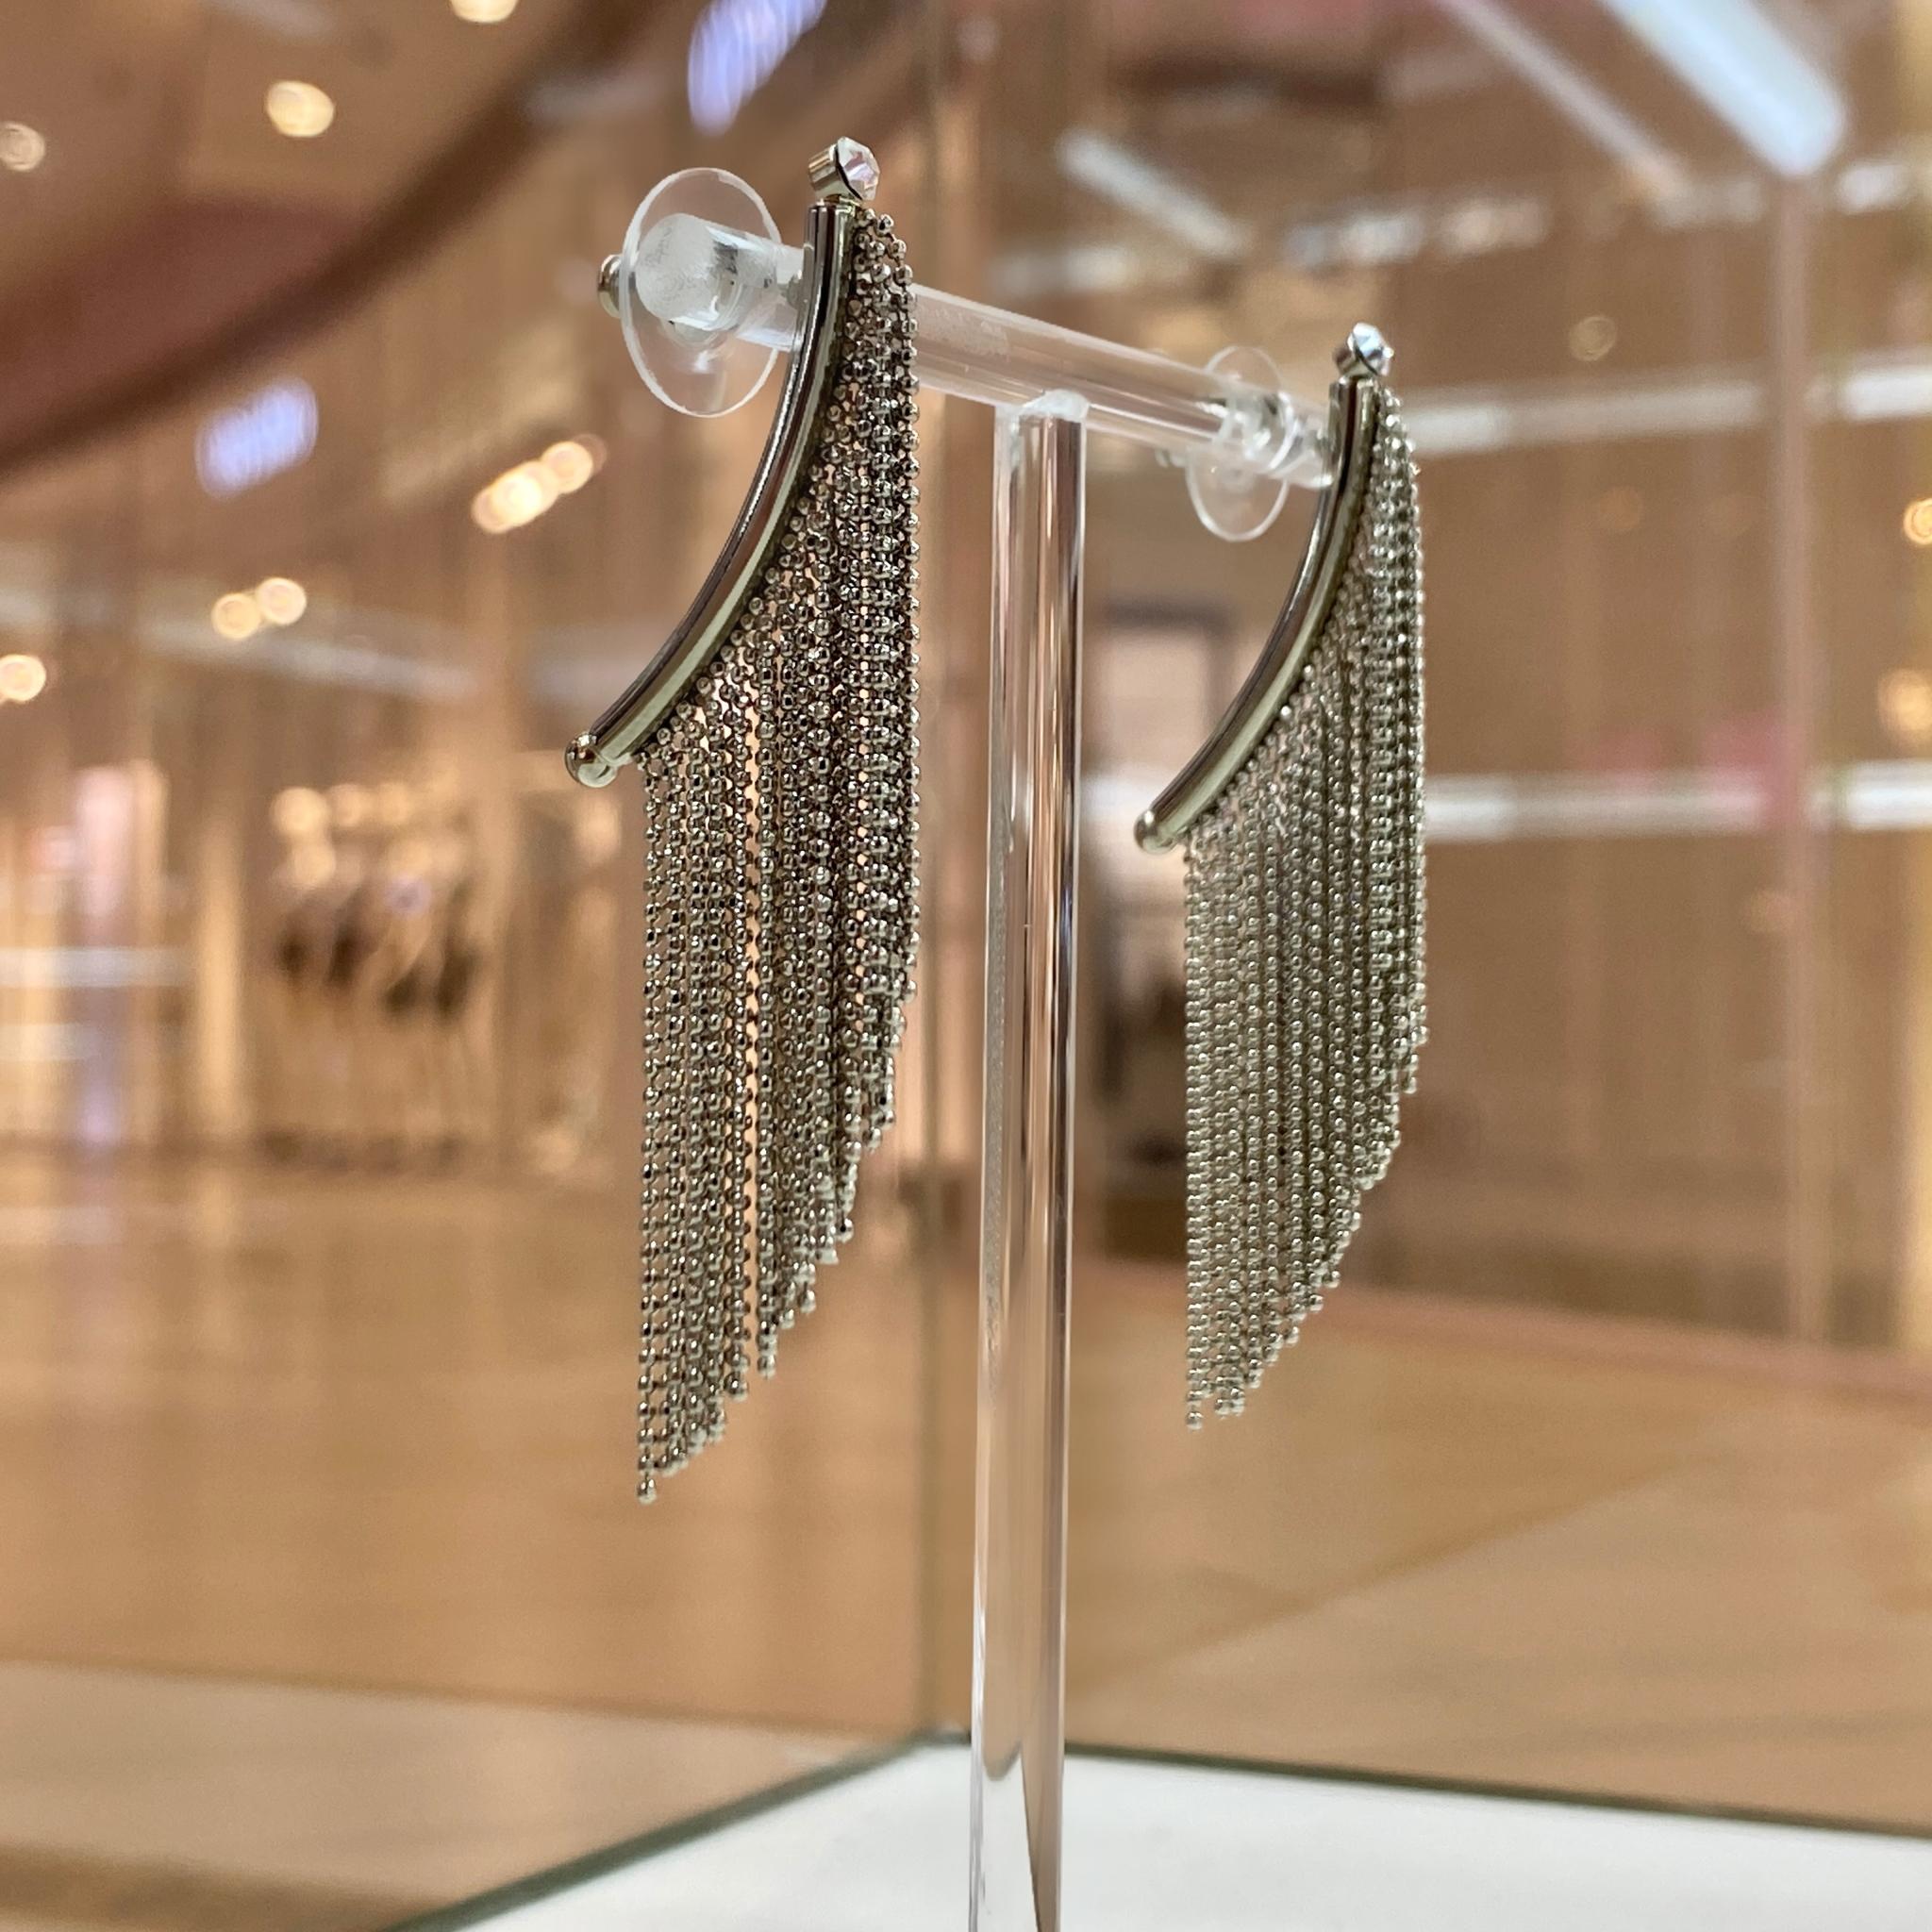 Серьги каскадные из цепочек-перлин ш925 (серебристый)